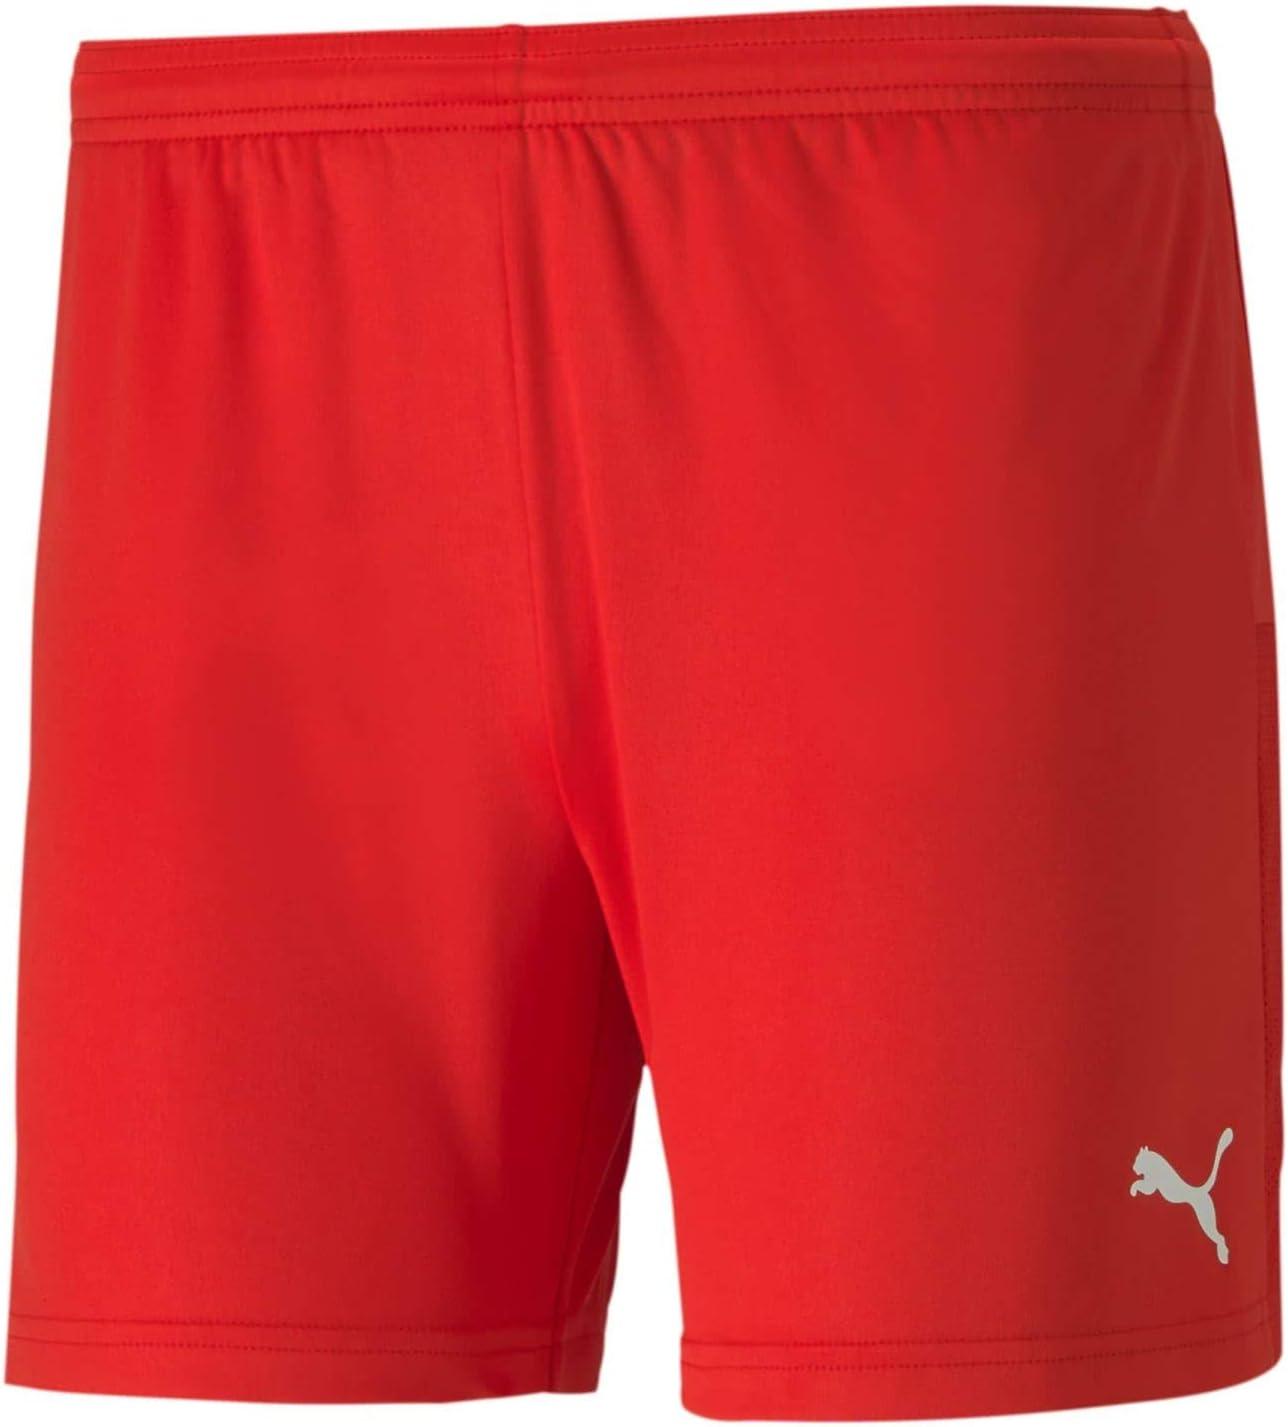 PUMA Teamgoal 23 Knit Shorts W Pantalones Cortos Mujer